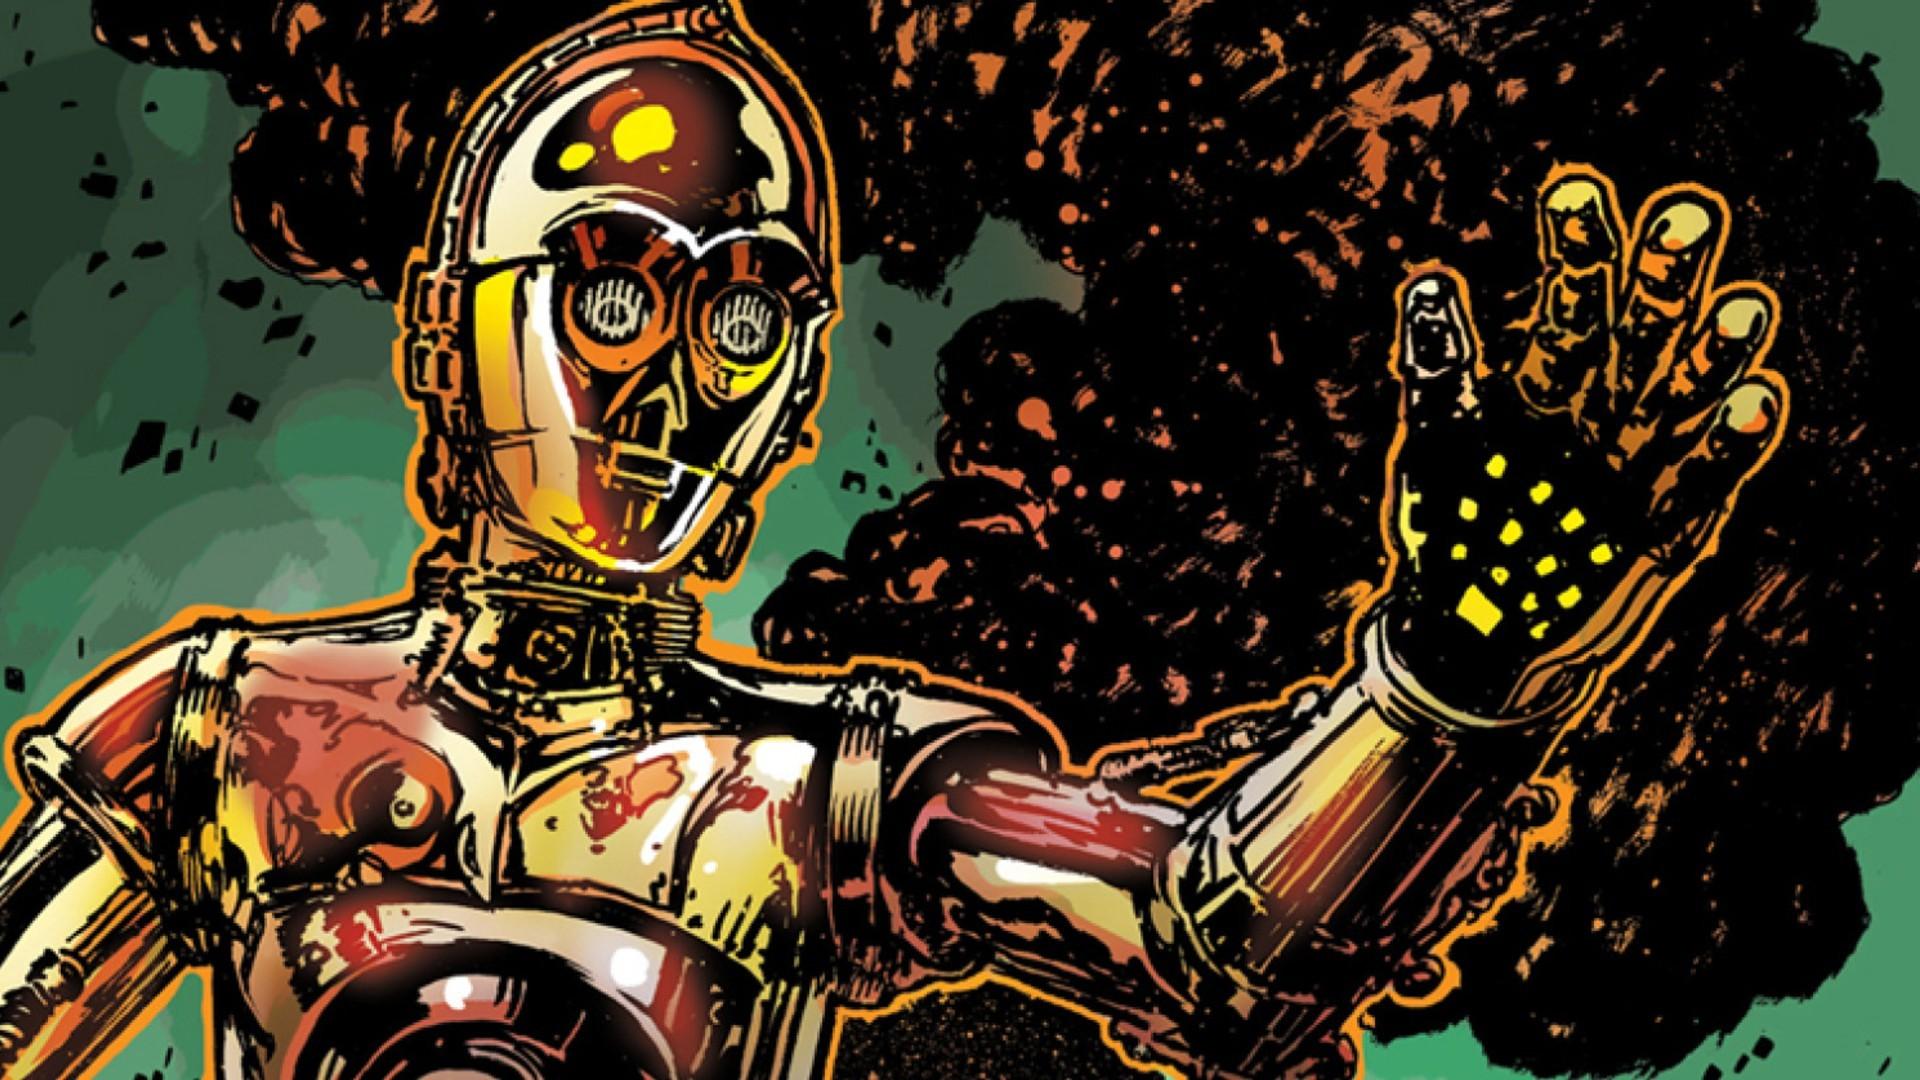 Ilustración en comic del personaje de Star Wars C3PO